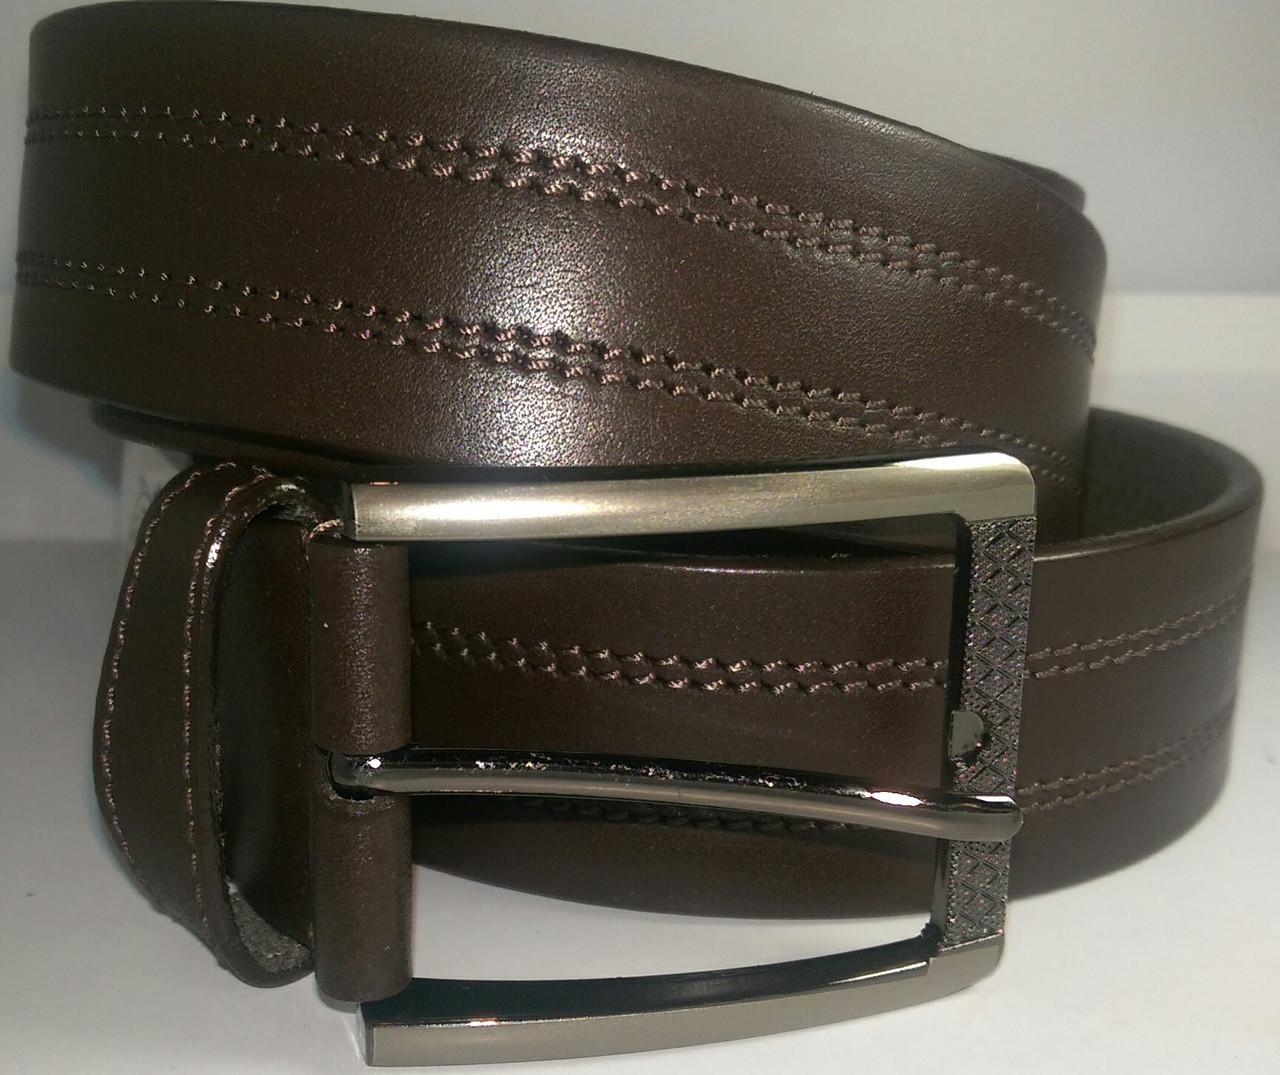 Ремень мужской кожаный 4см коричневый с двойной строчкой